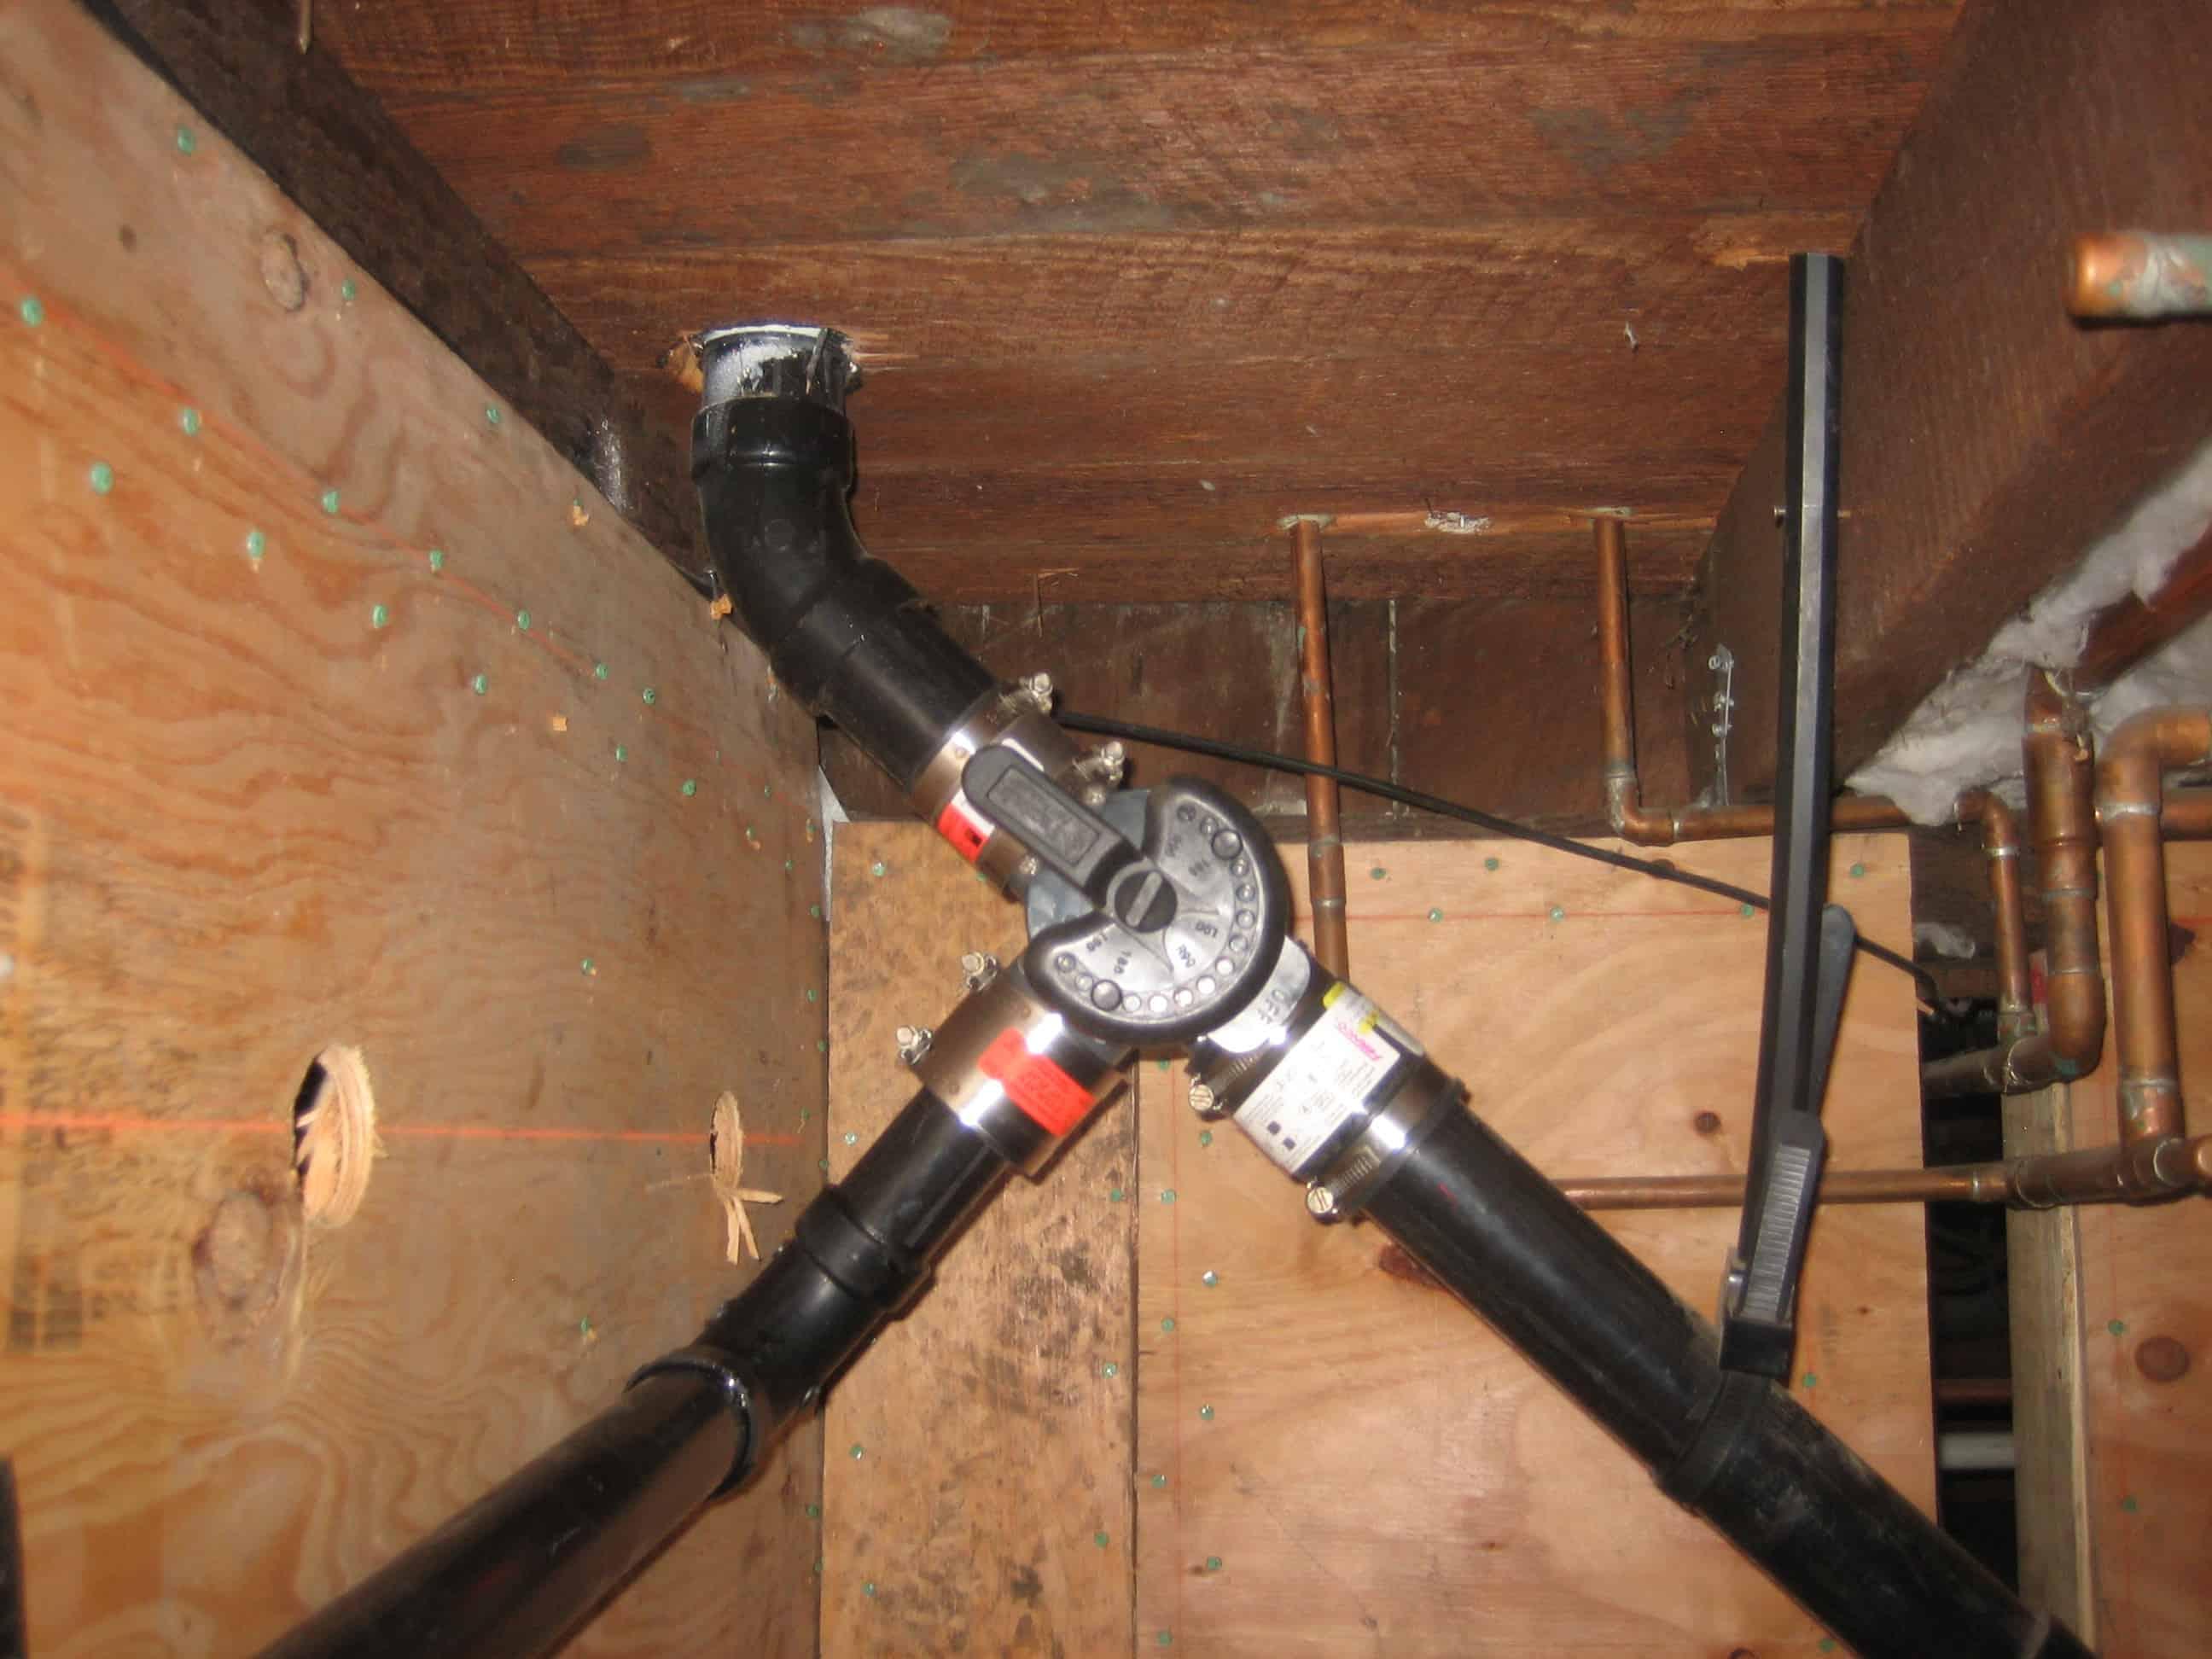 kitchen sink system branched drain clogged kitchen sink 3 way diverter valve